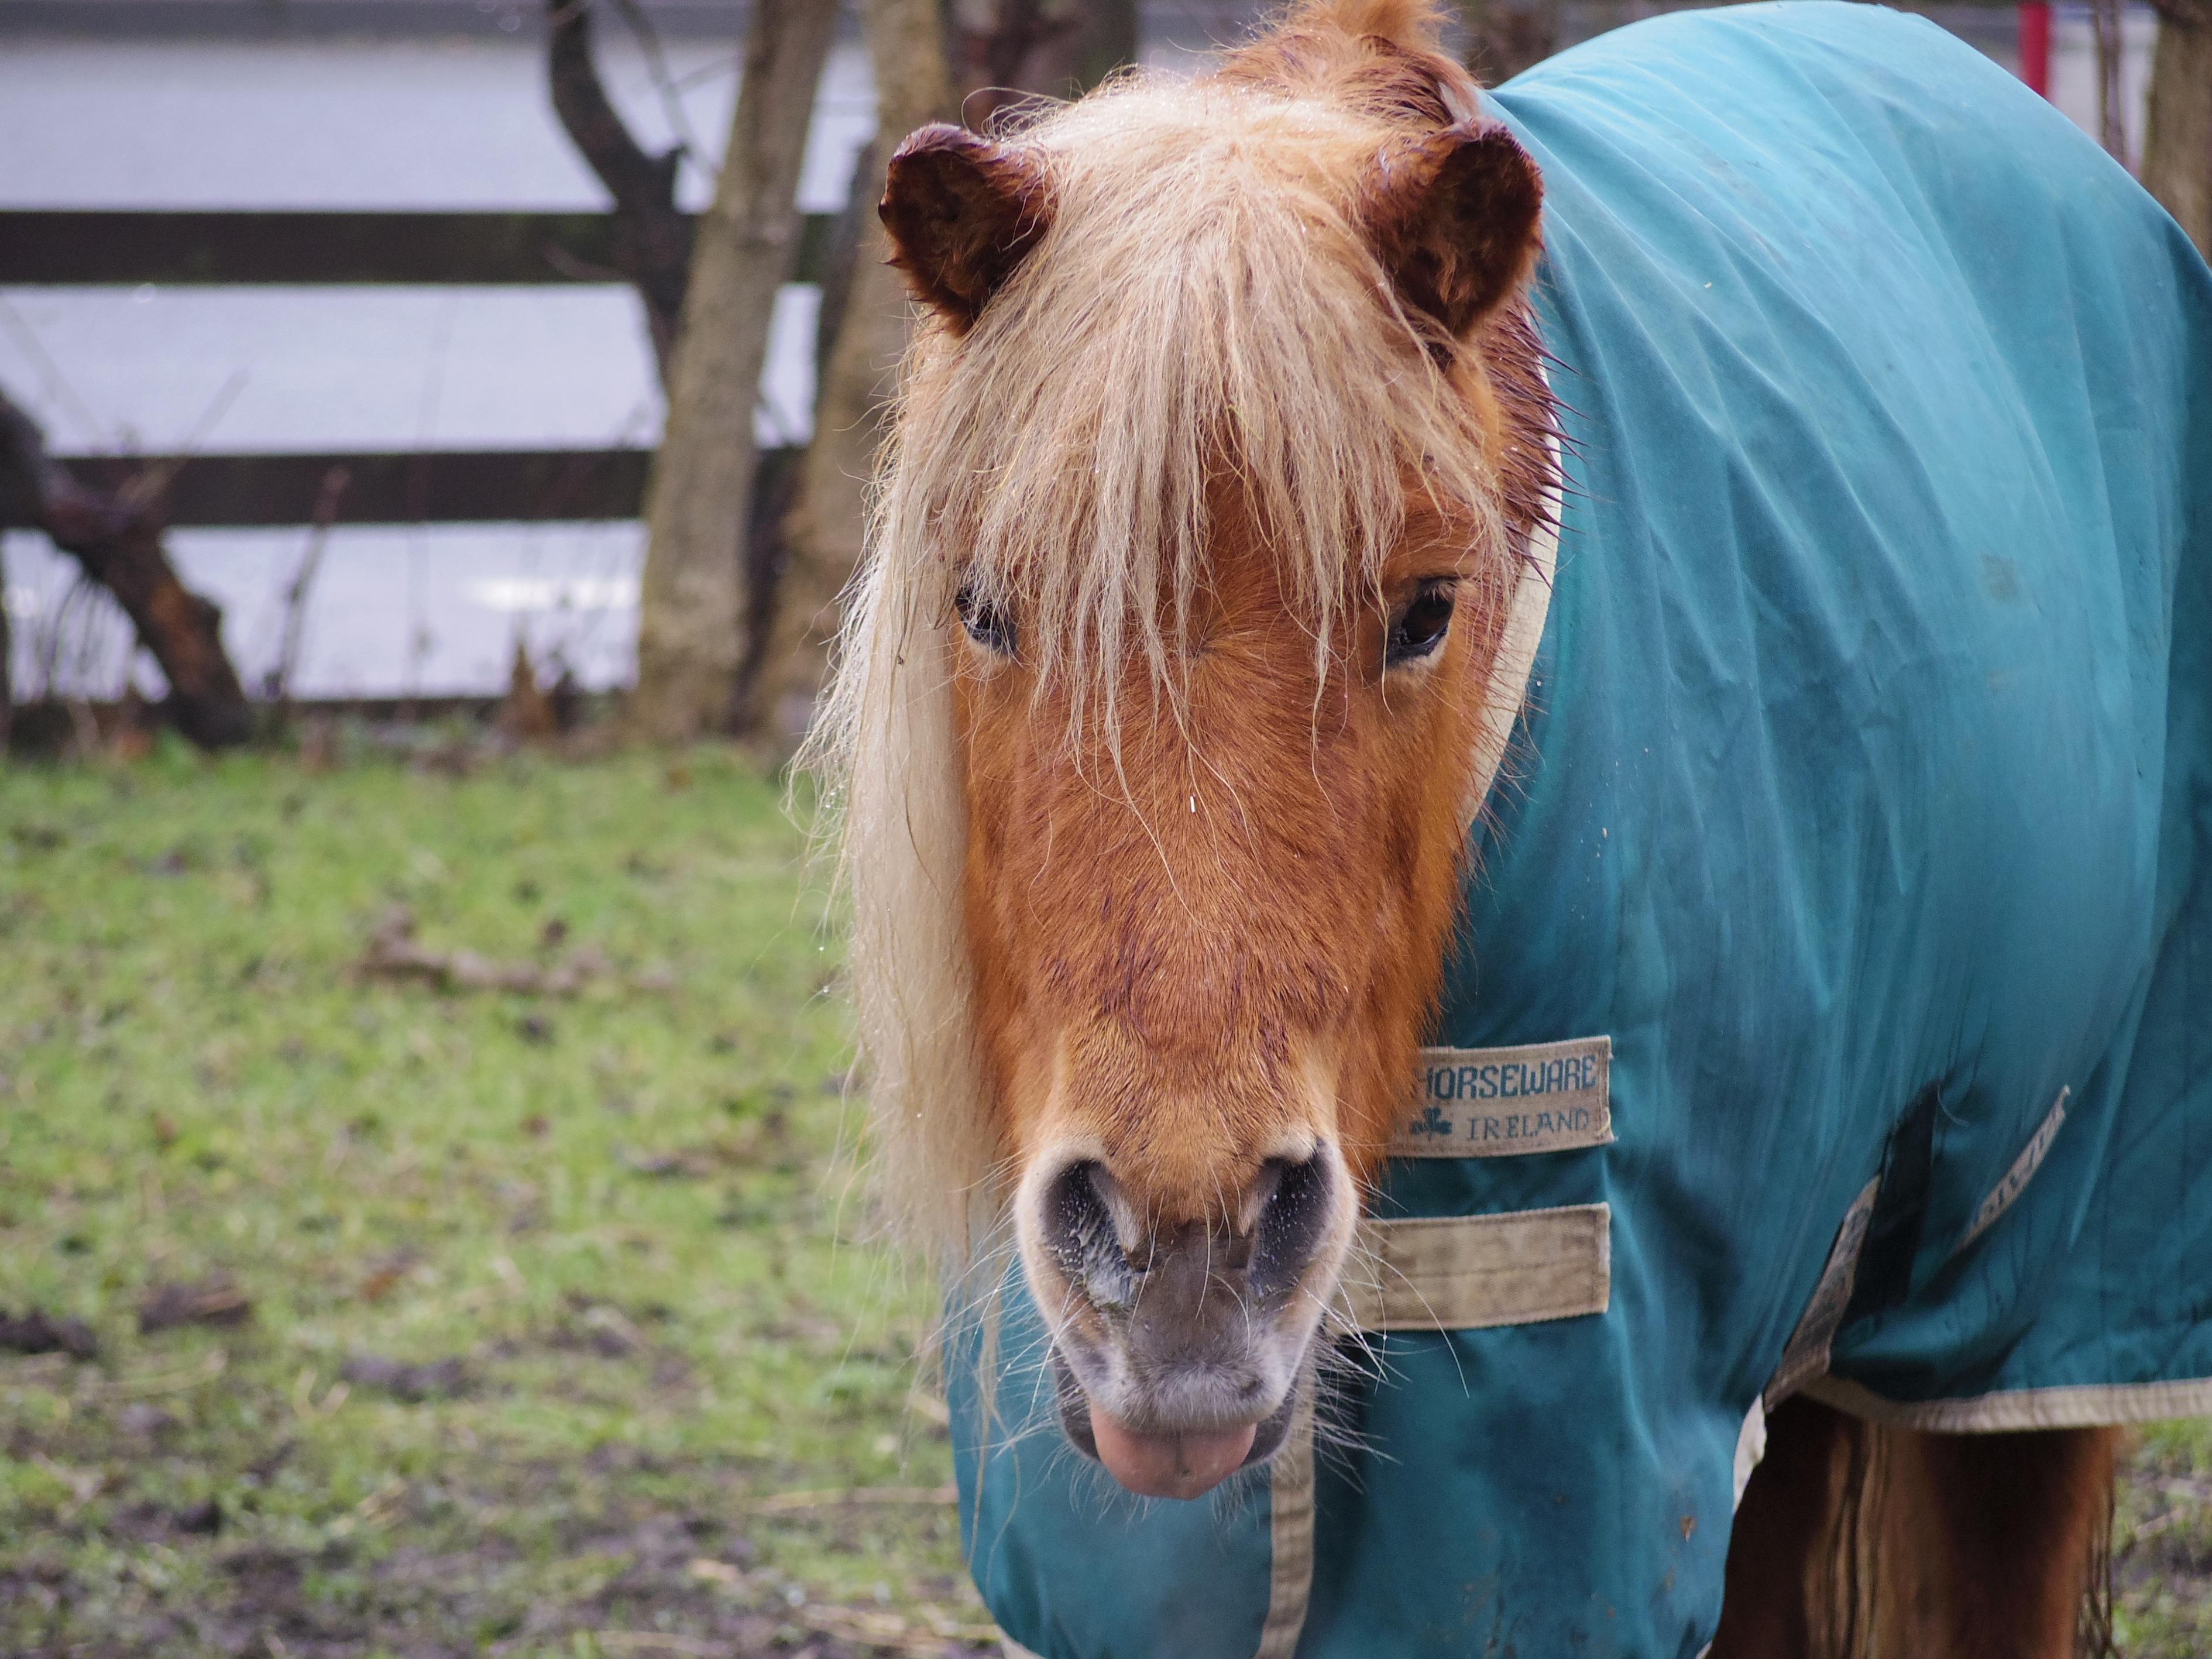 【イギリスの動物】リーズにある馬とポニーの保護施設に行って来た。